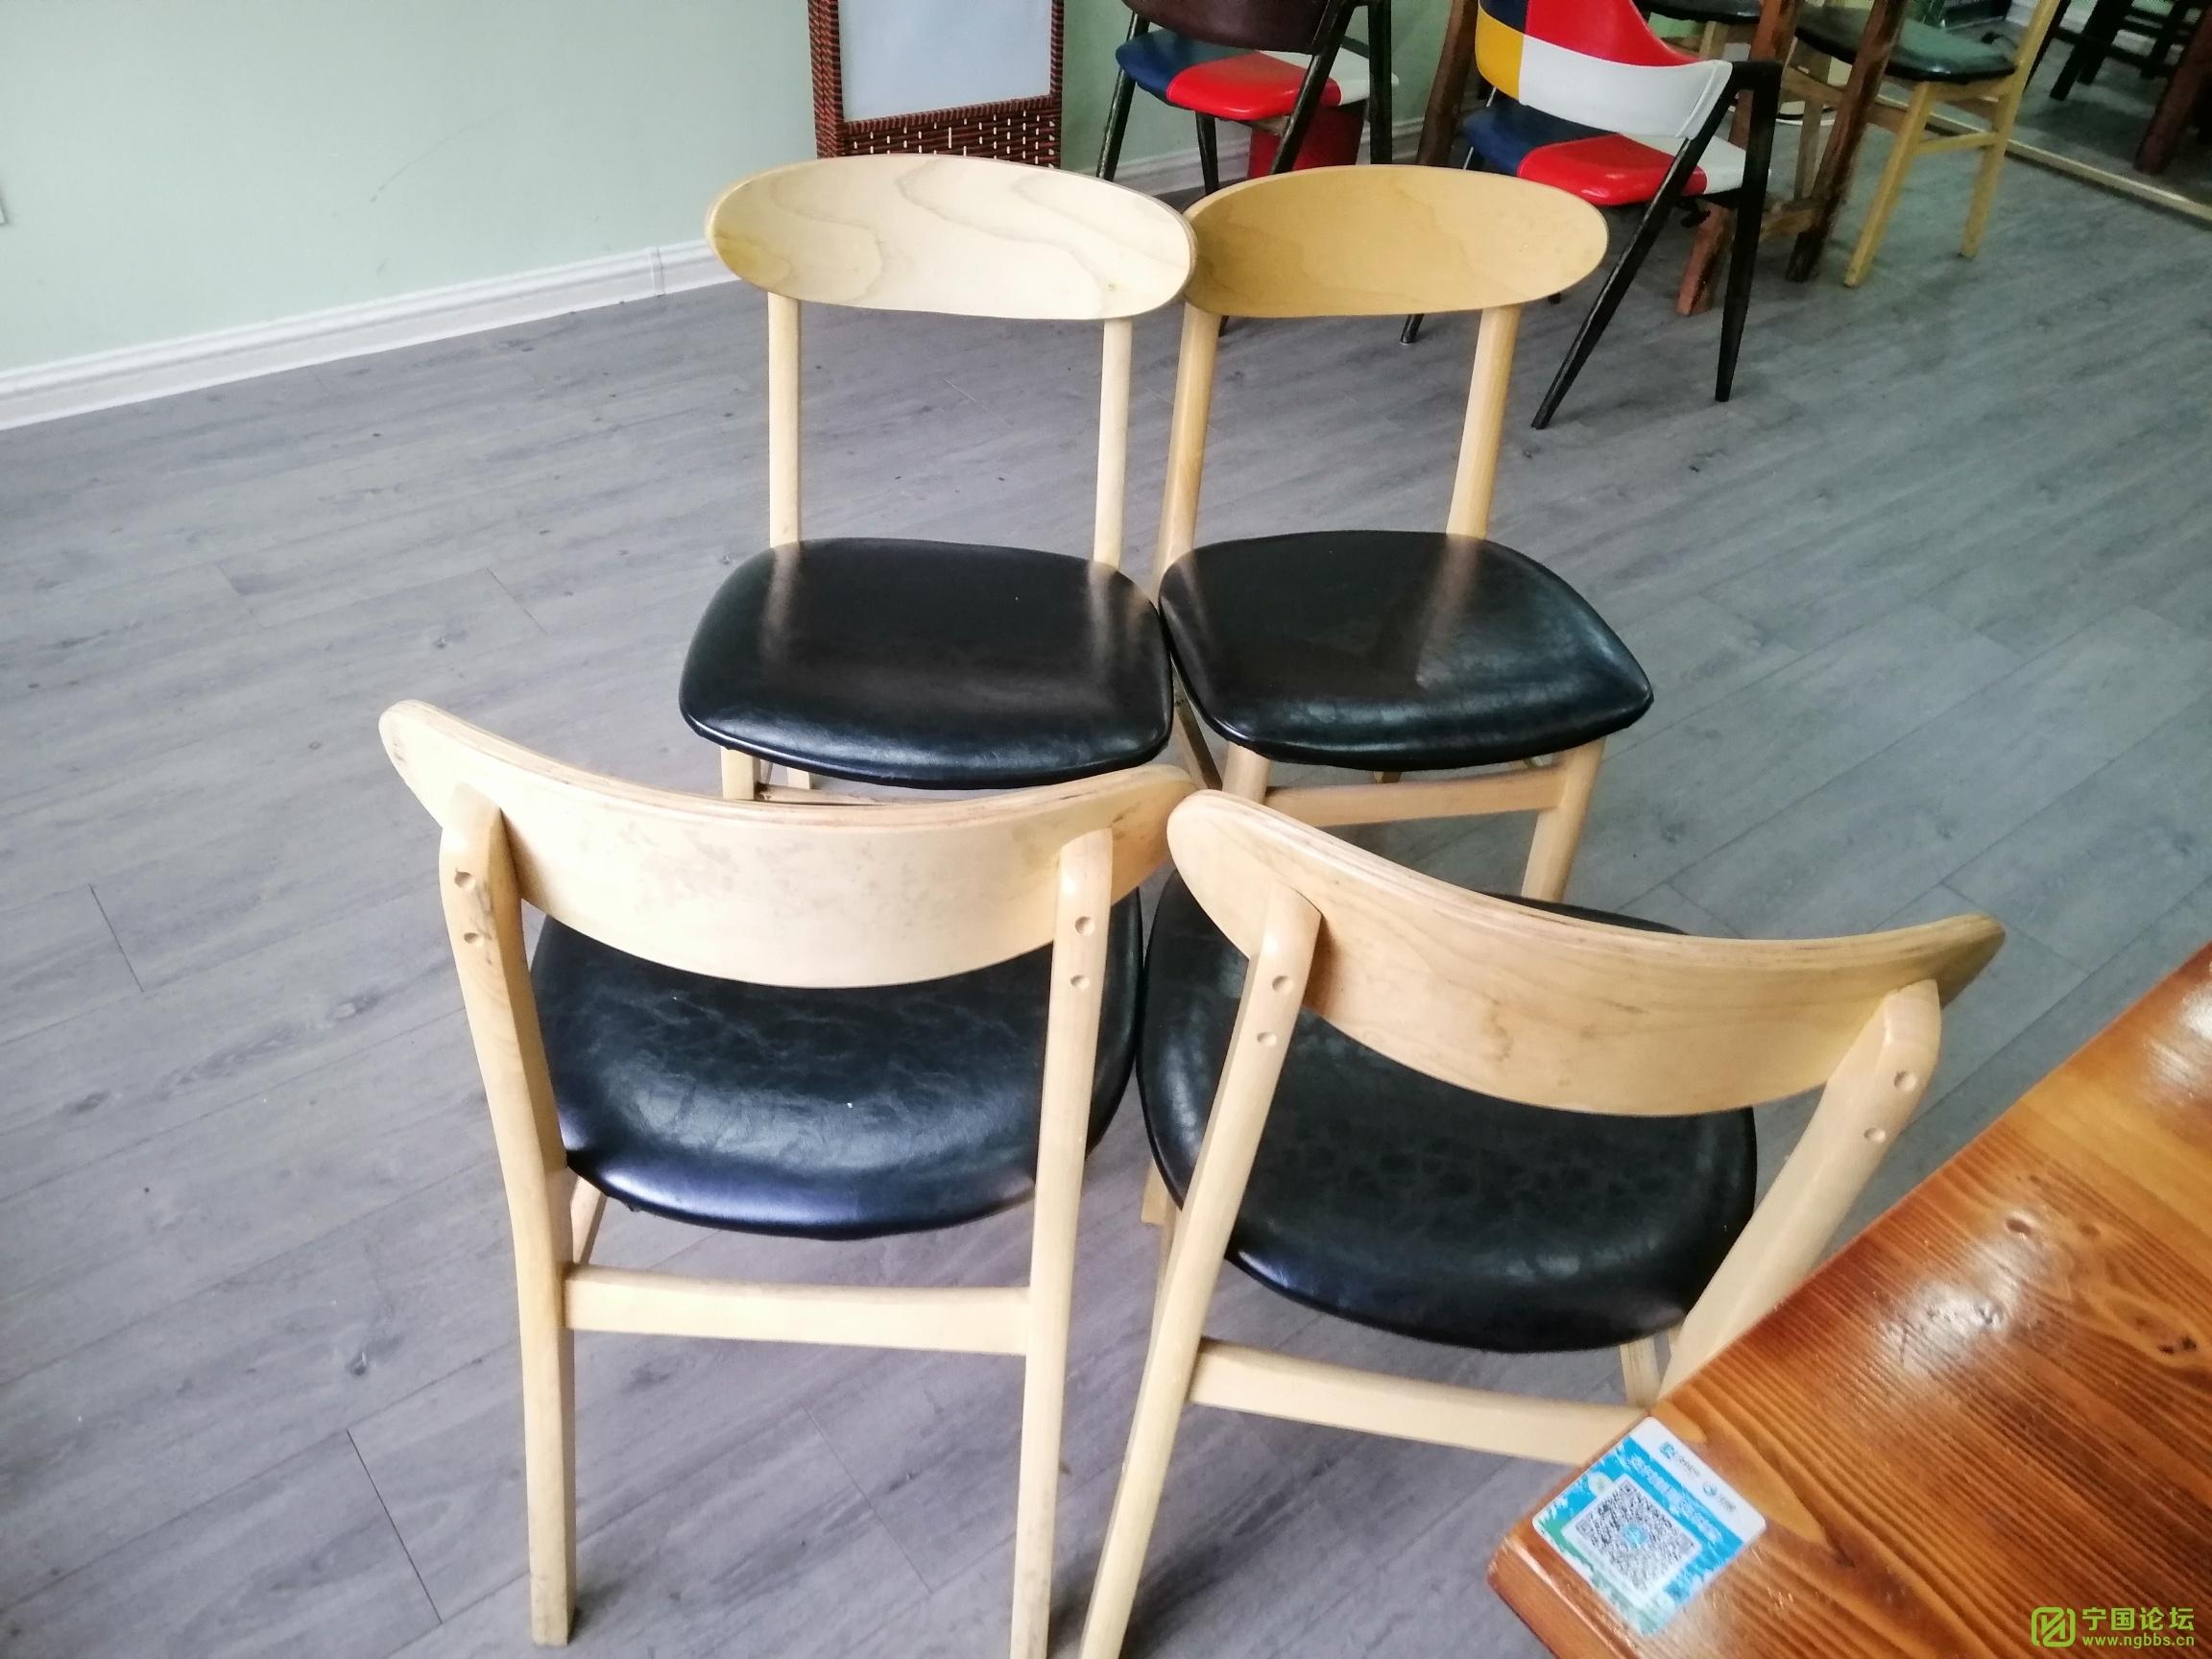 桌椅低价处理,有意者请联系180 - 宁国论坛 - 1602990624133921_550.jpg